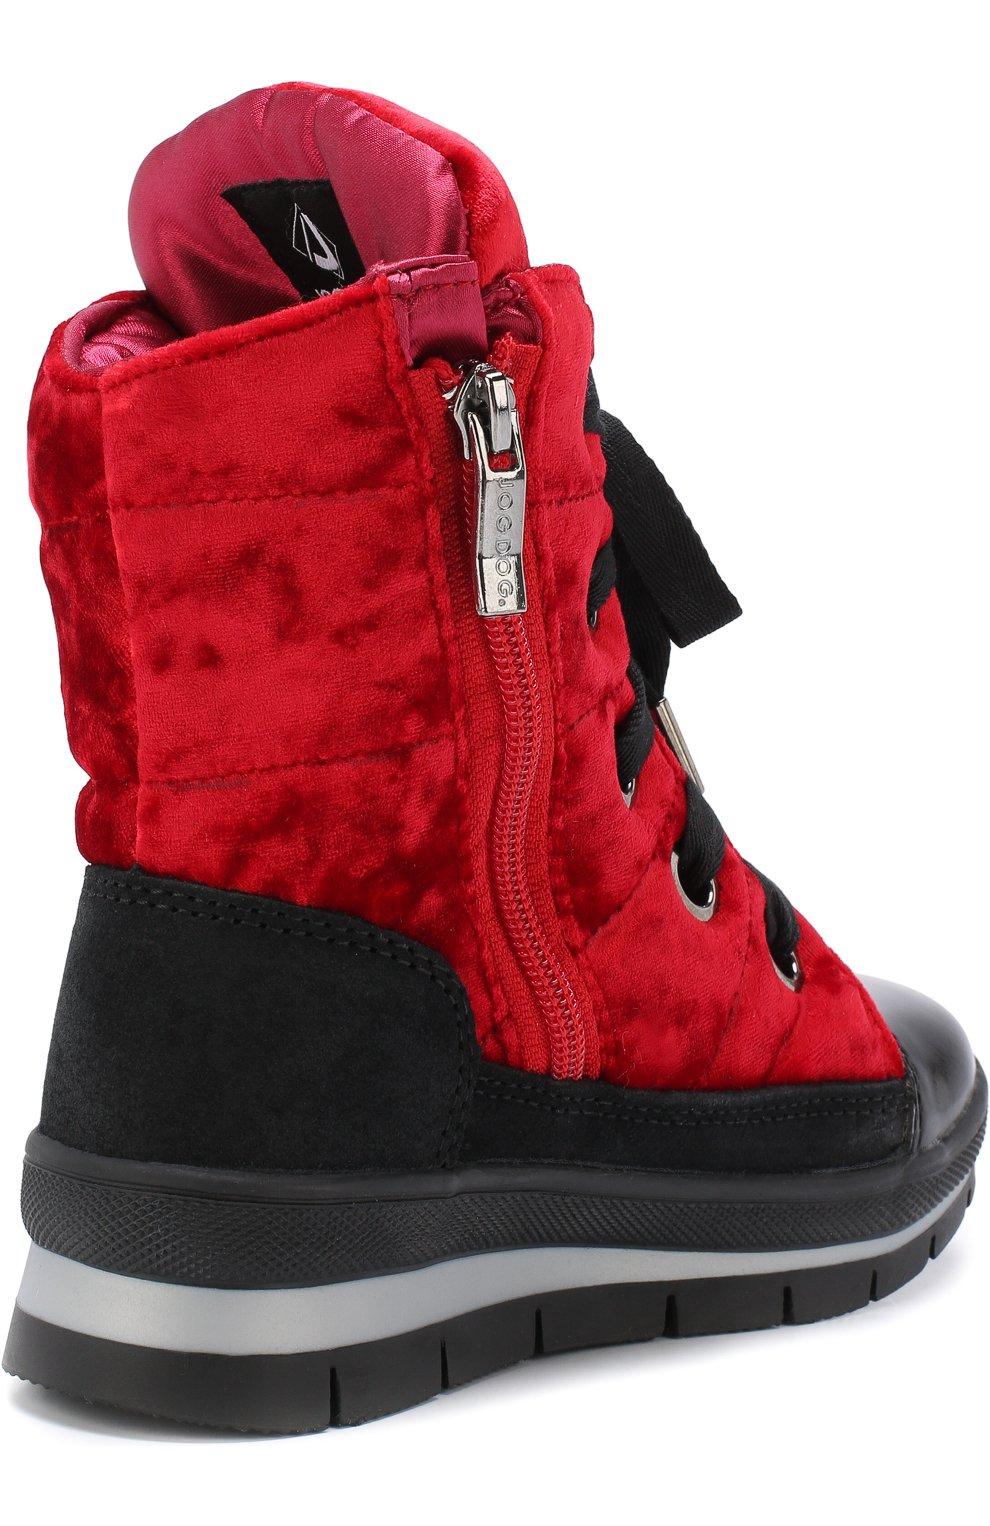 Ботинки для девочек по цене от 3 635 руб. купить в интернет-магазине ЦУМ ff67138d10d